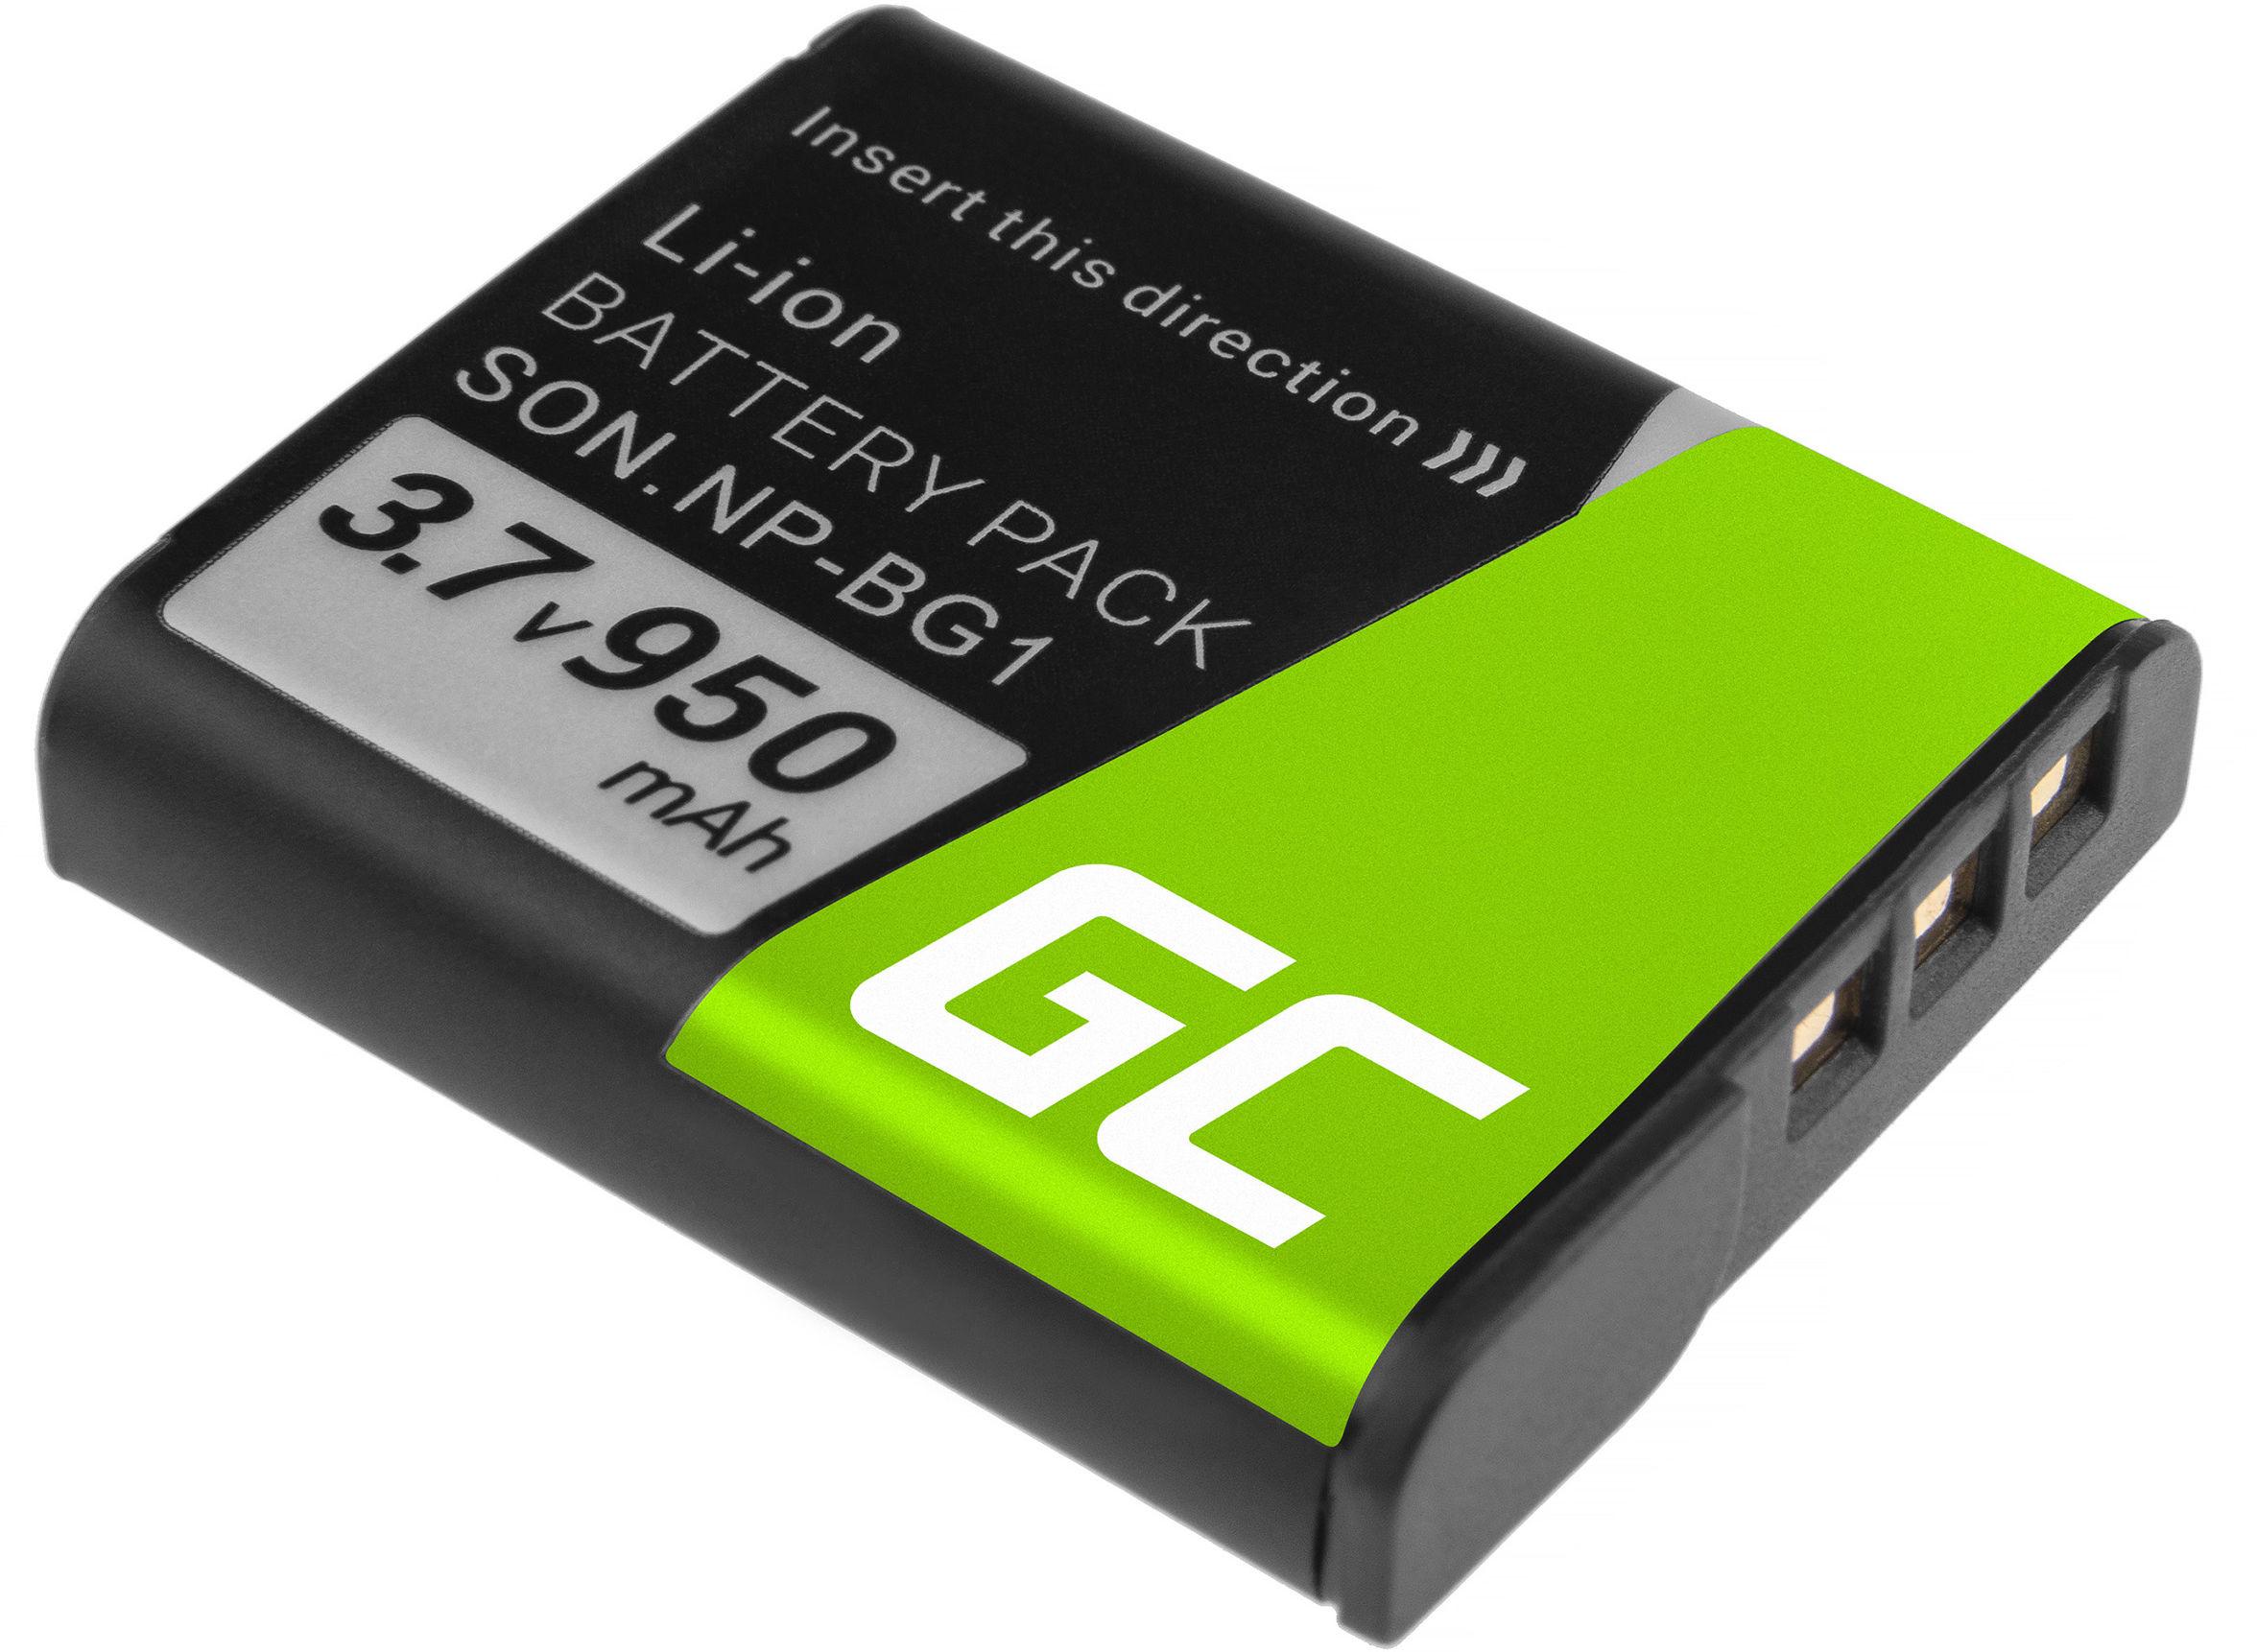 Akumulator Bateria Green Cell  NP-BG1 NP-FG1 do Sony DSC H3 H7 H9 H10 H20 H50 HX7V HX5V HX9V W35 W50 W80 W100 W110 3.7V 950mAh